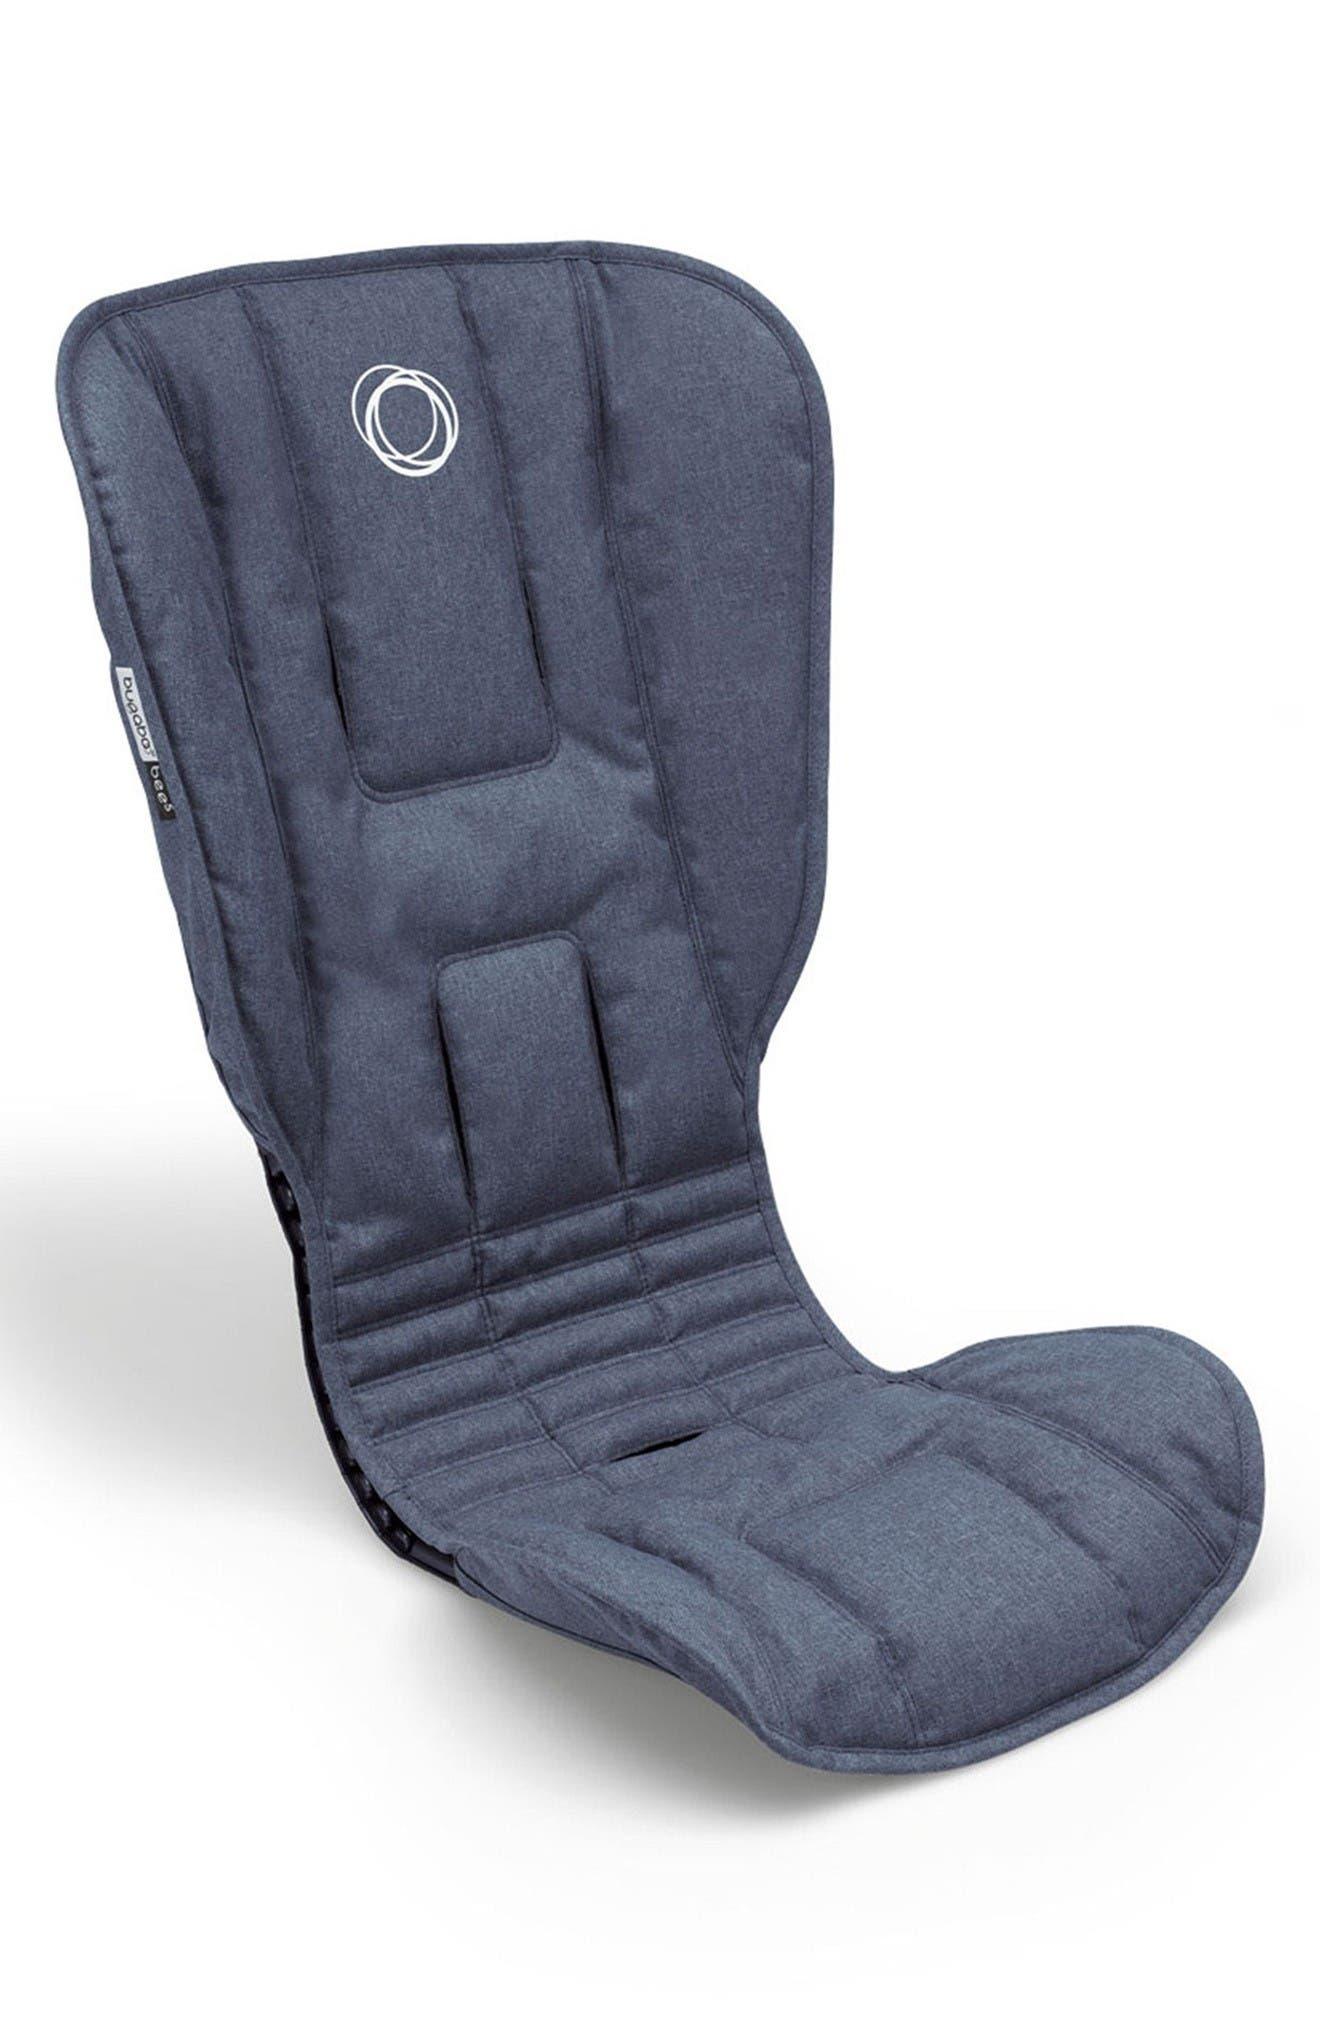 Bugaboo Bee5 Stroller Seat Fabric